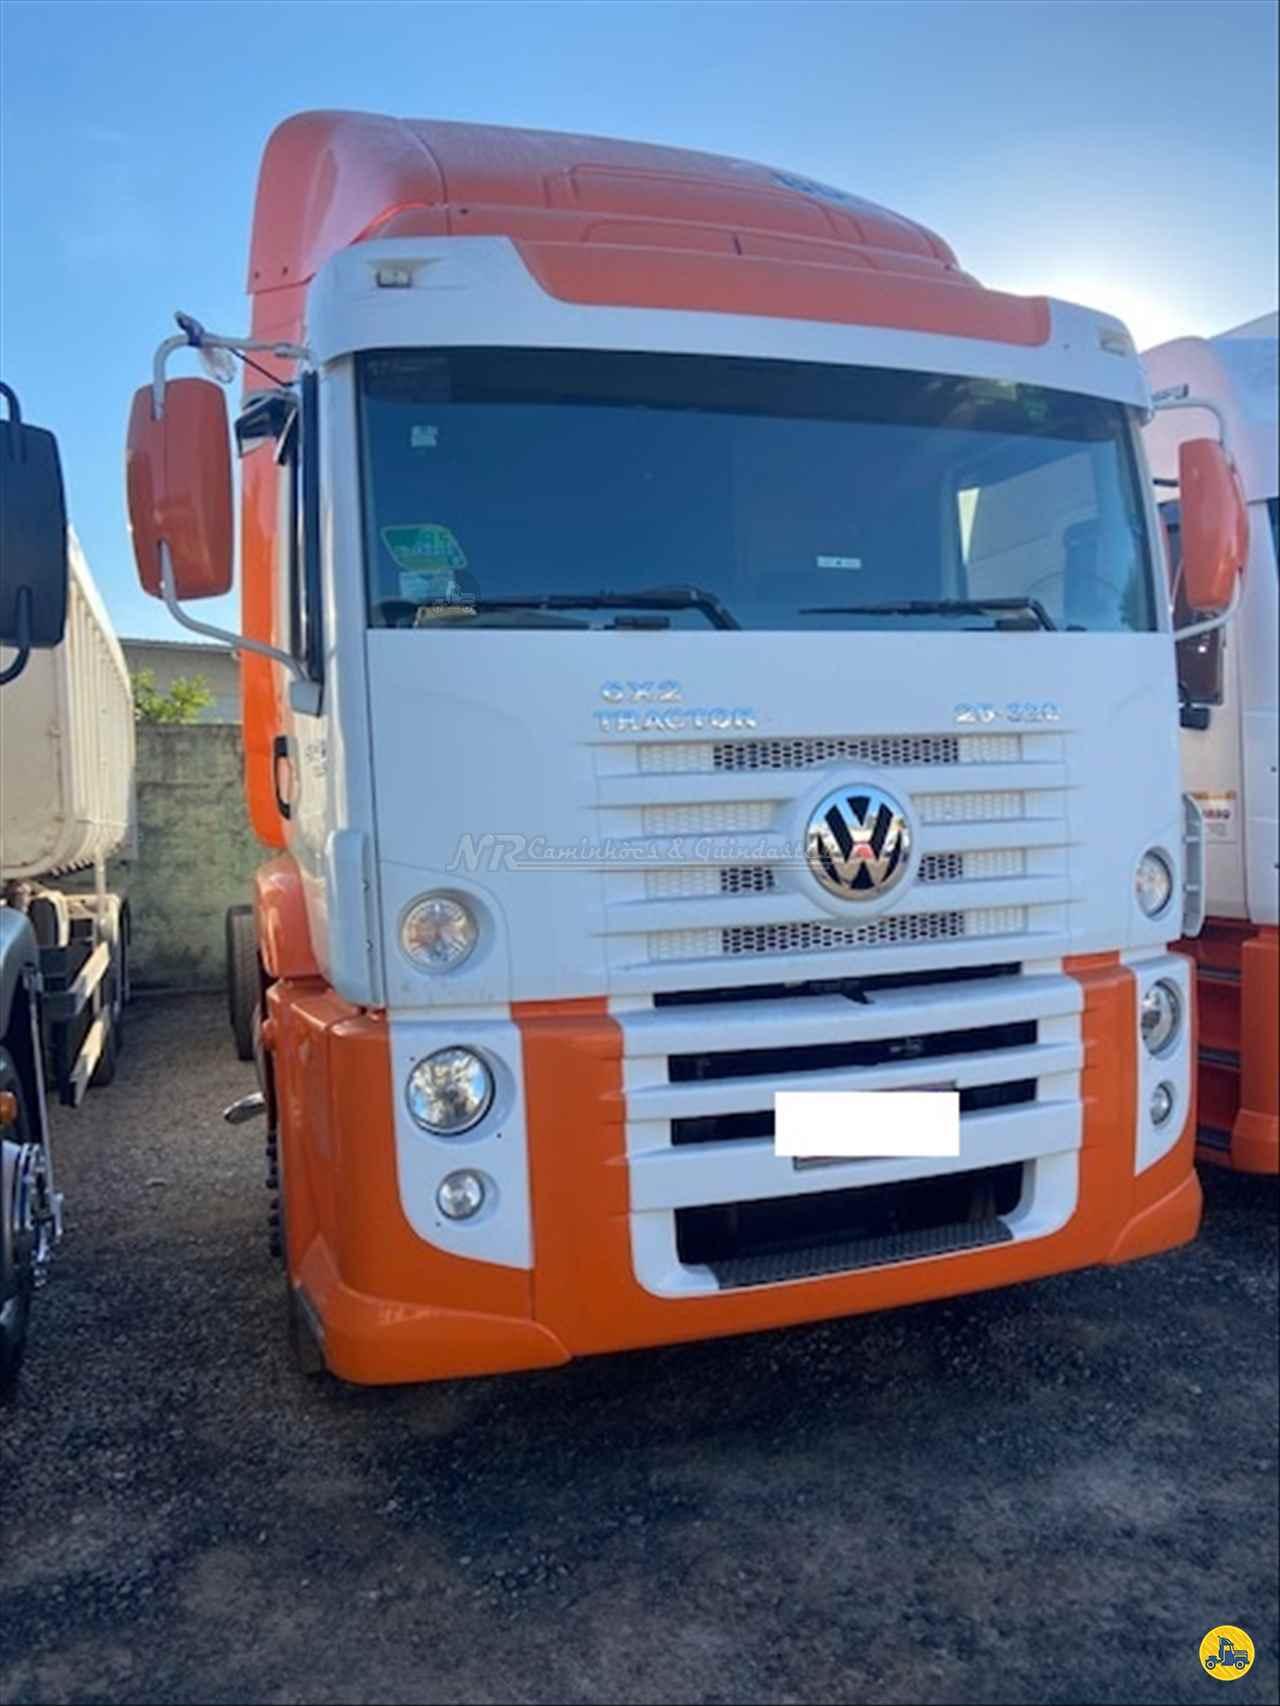 CAMINHAO VOLKSWAGEN VW 25320 Chassis Truck 6x2 NR Caminhões e Guindastes GOIANIA GOIAS GO